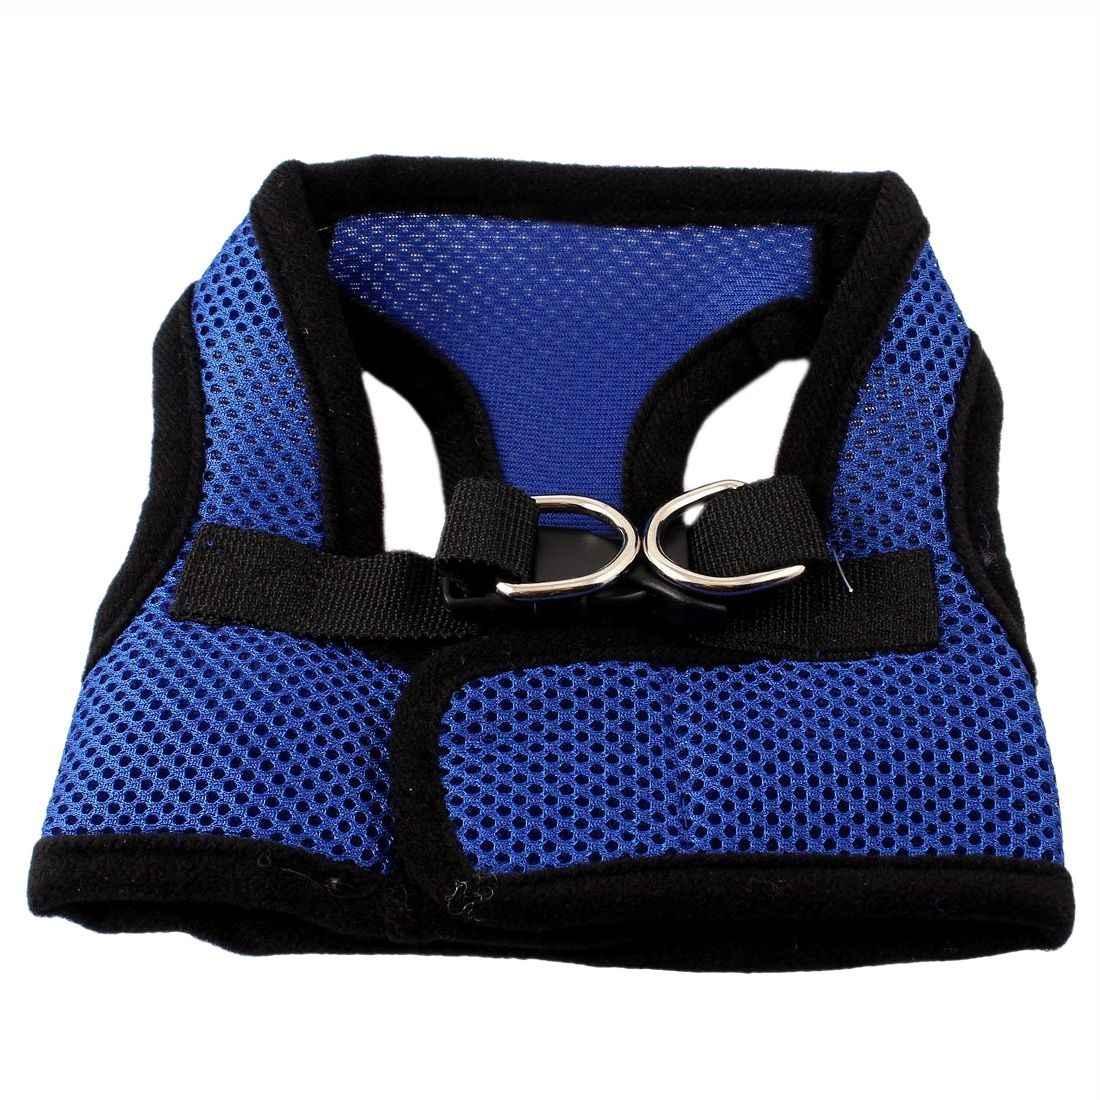 Топ черный и синий пряжки Сетки Модный дизайн для собаки шлейка кошек жилет M